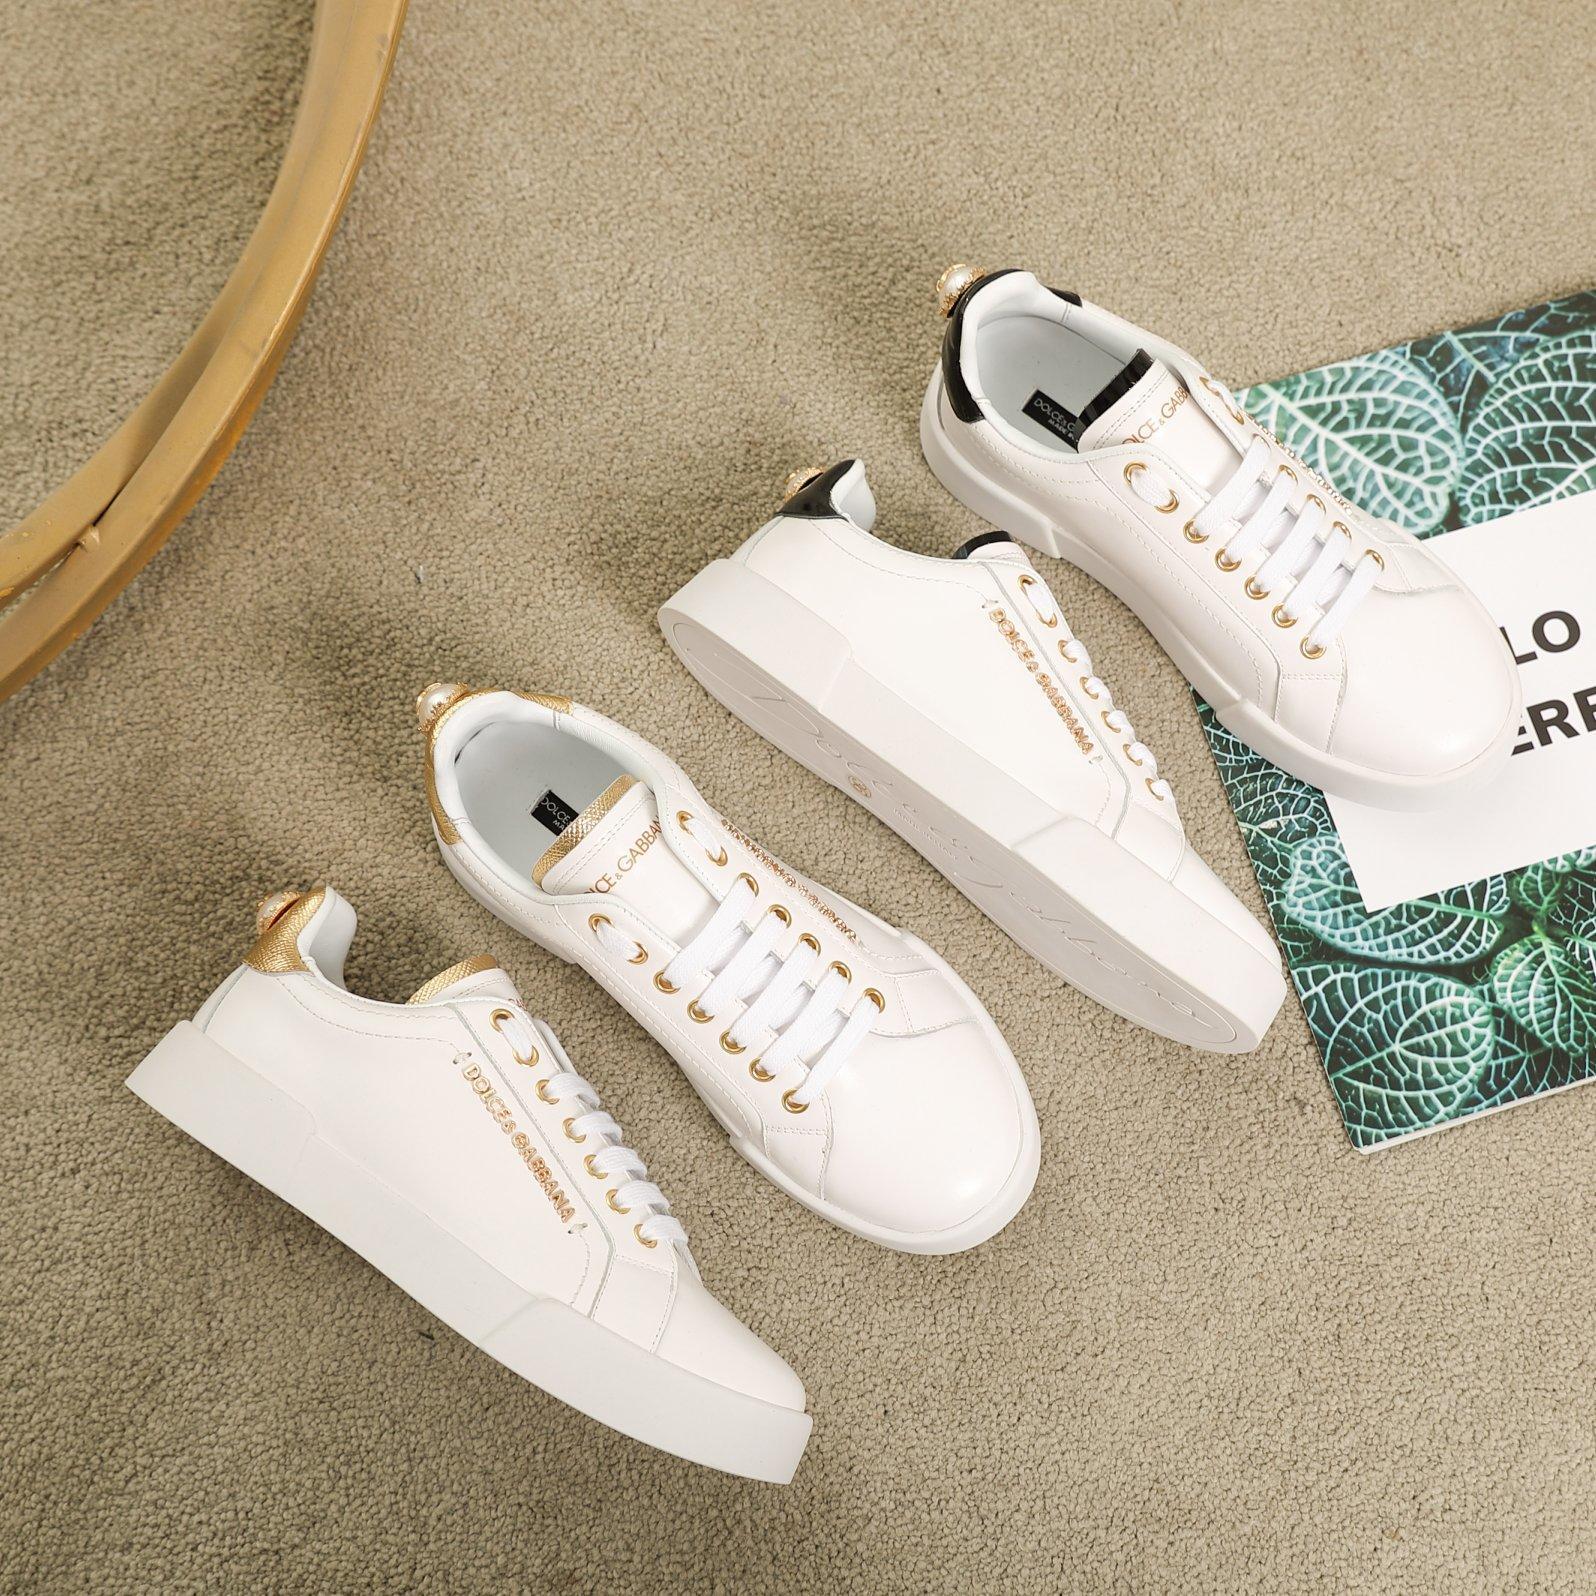 2020-2019a superior del diseñador de lujo zapatos casuales con bandas de edición limitada salvajes hombres y mujeres par de zapatos de moda zapatos de deporte de alta calidad 35-45